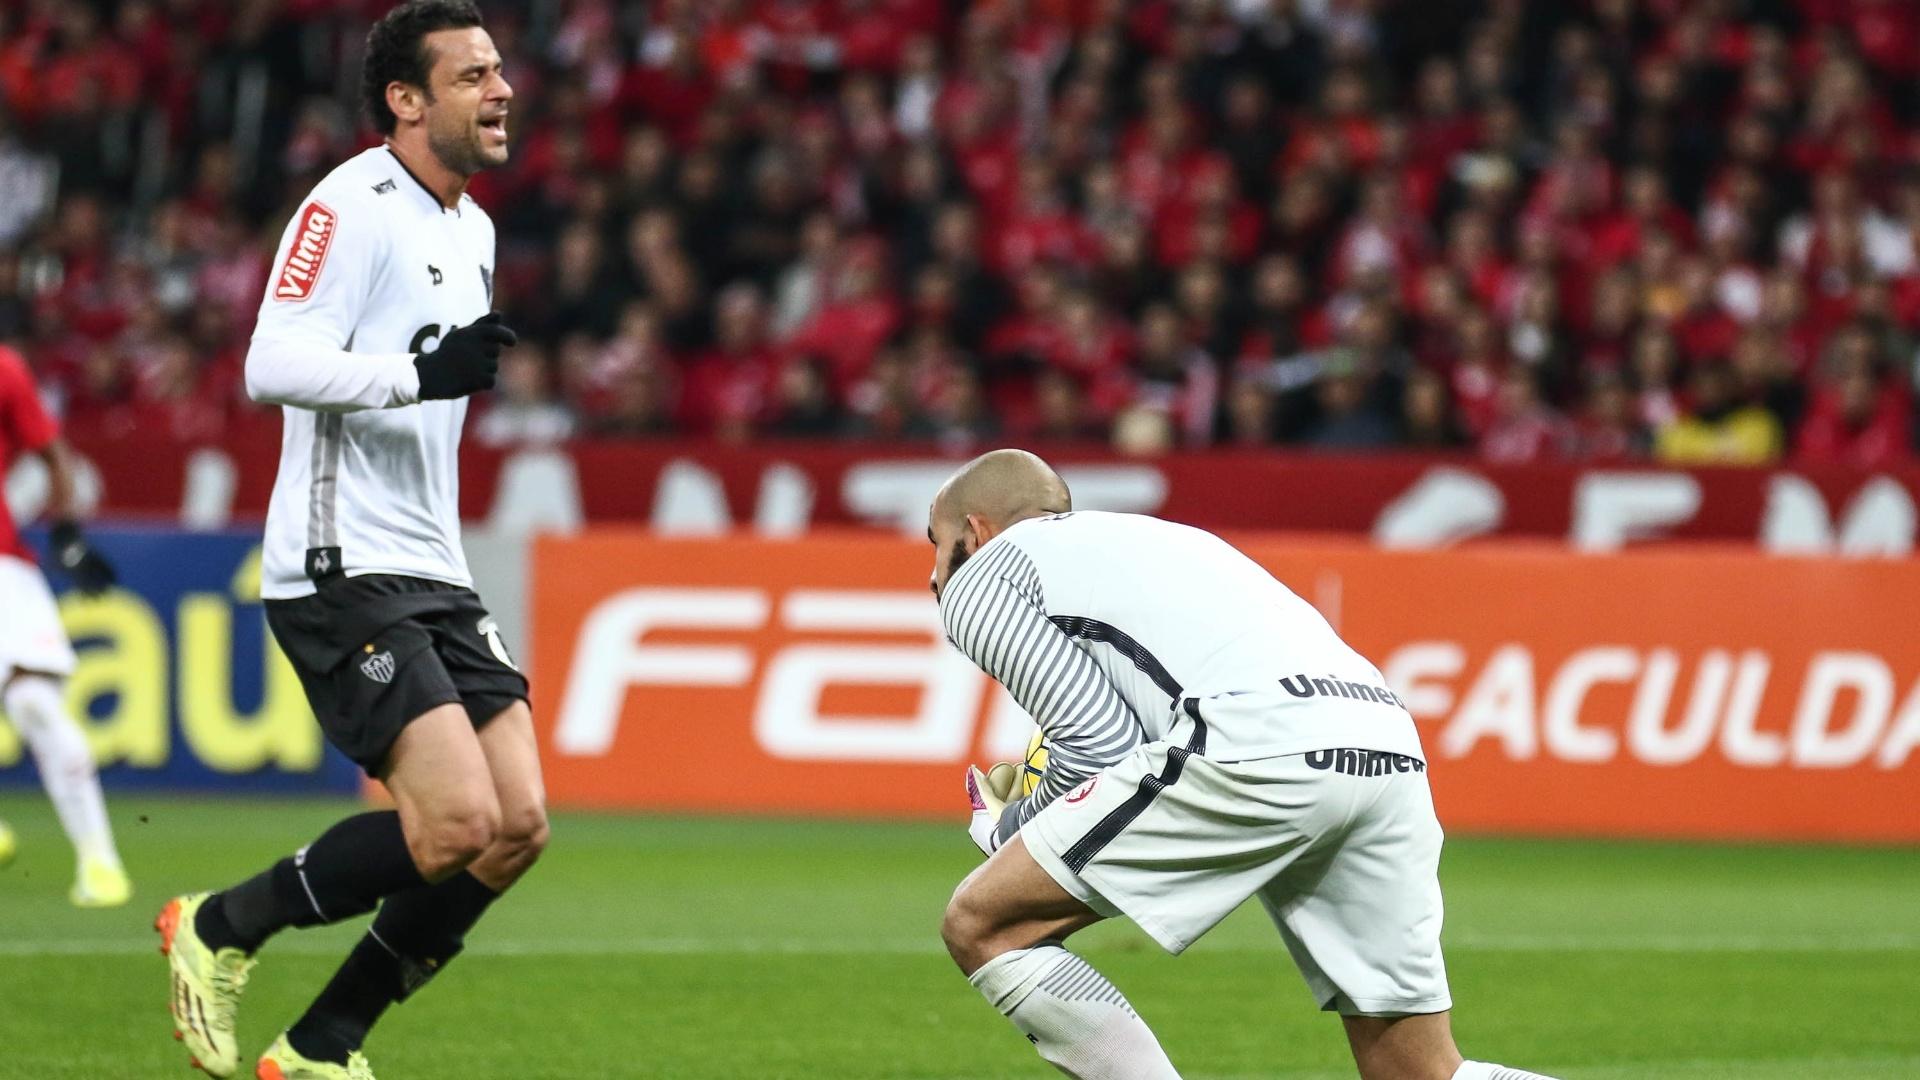 Goleiro Danilo Fernandes evita arremate de Fred na partida entre Internacional e Atlético-MG